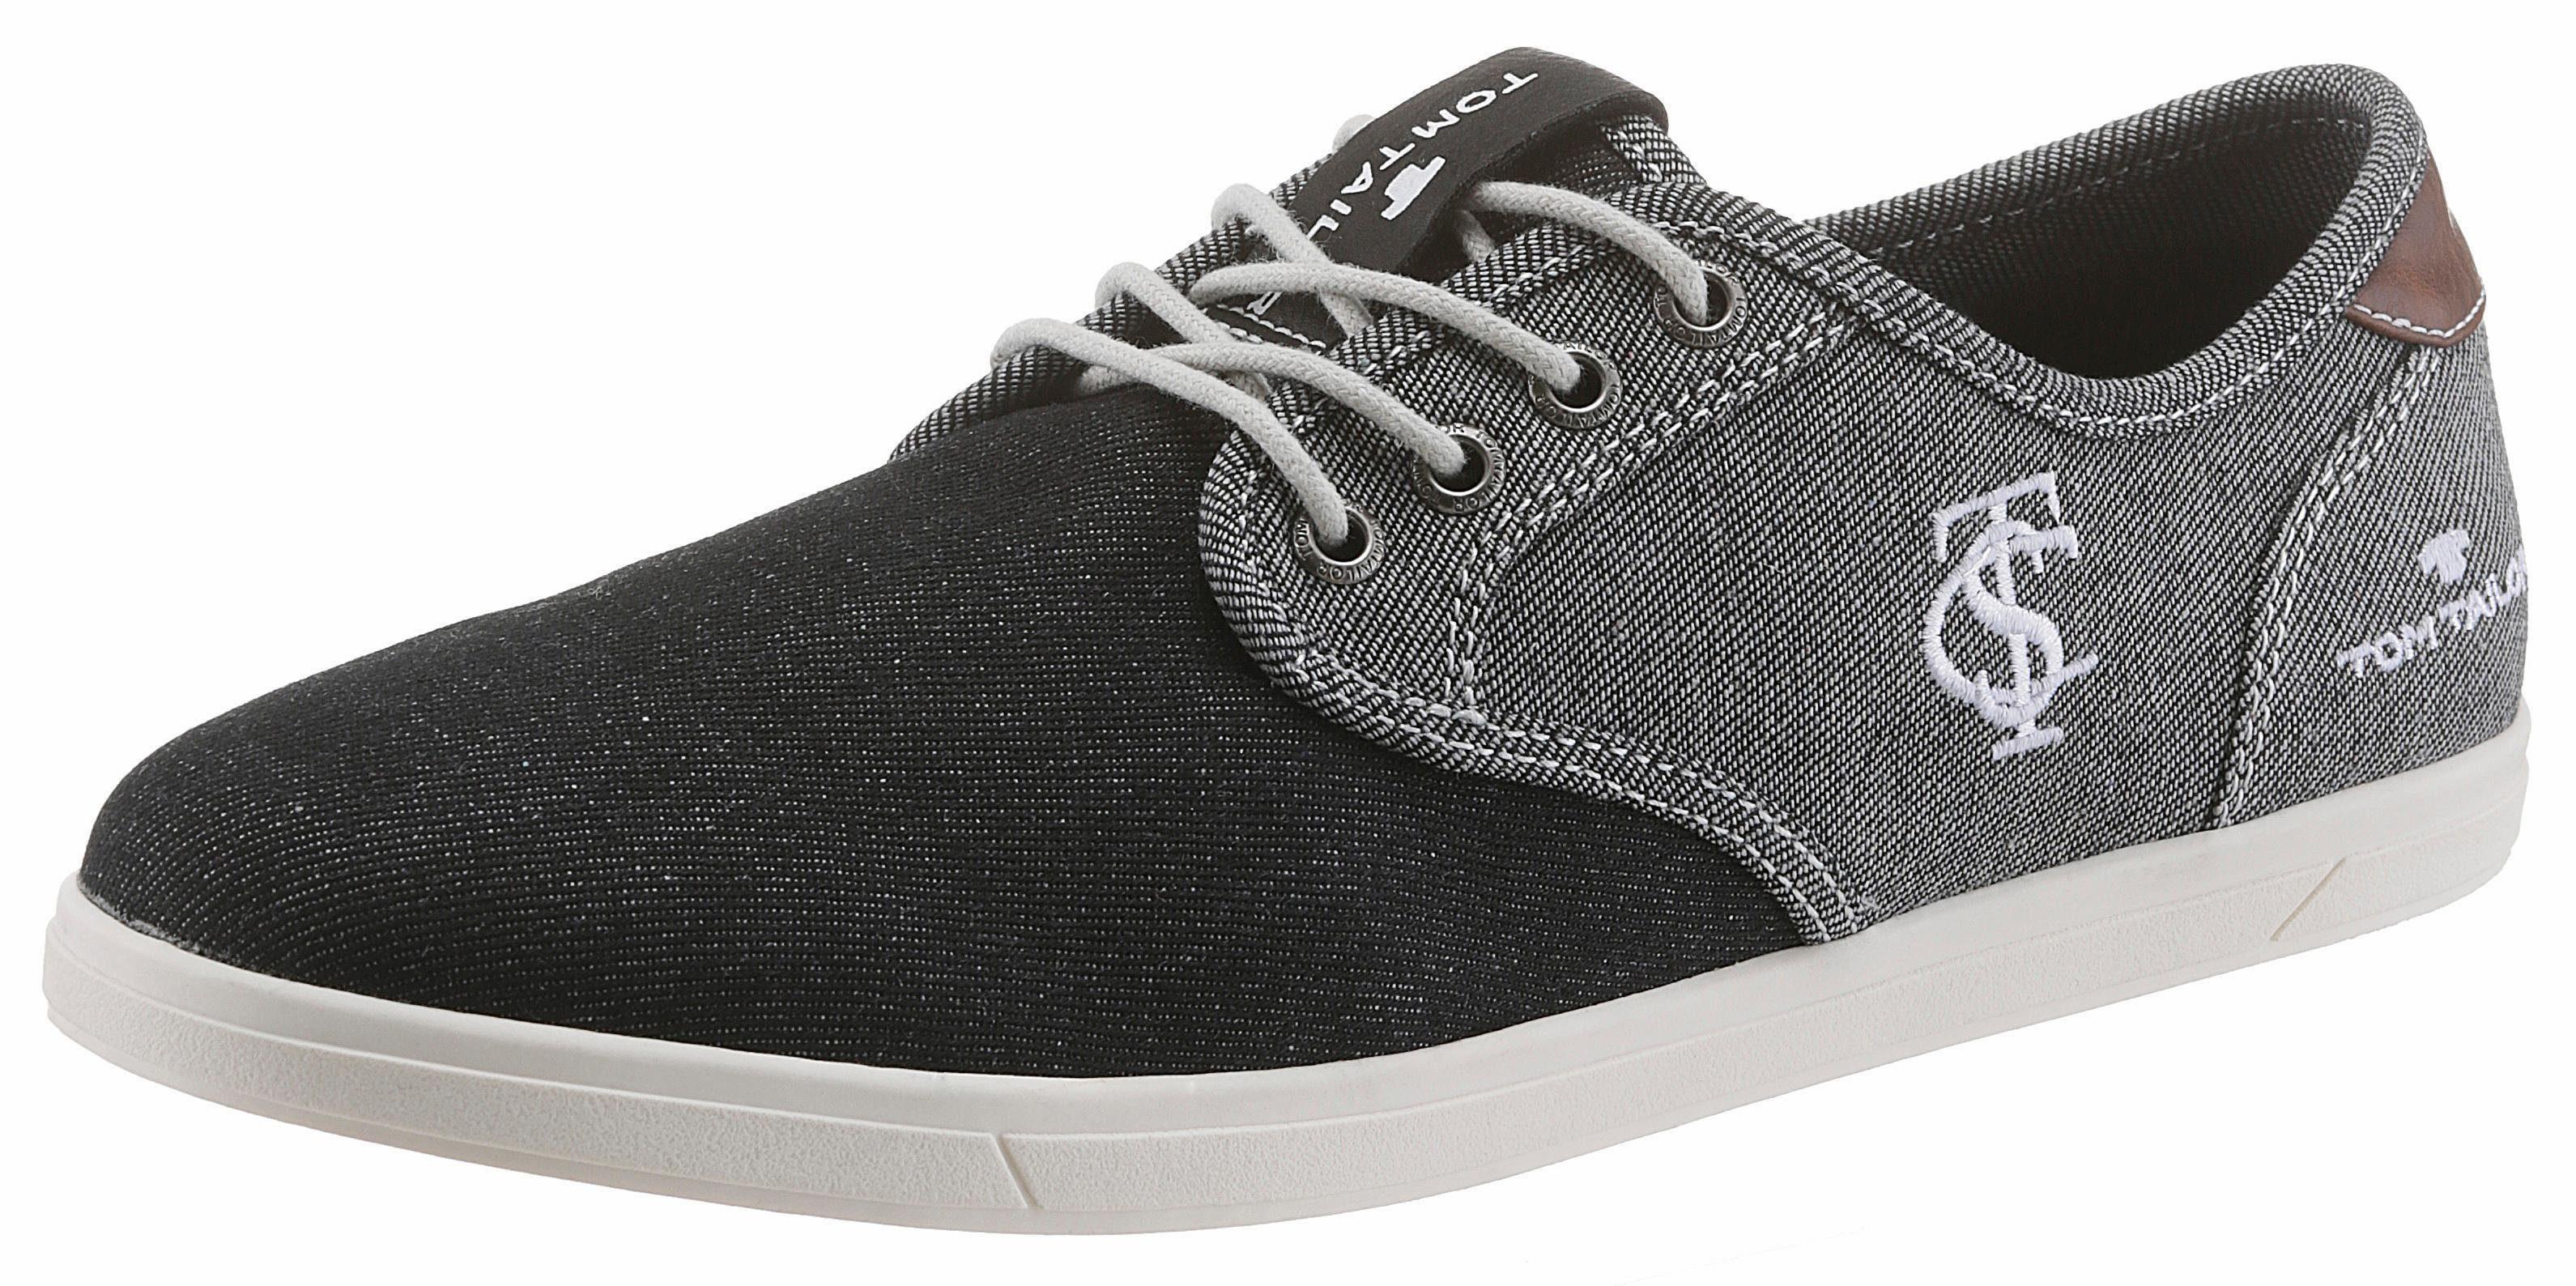 Tom Tailor Sneaker, im zweifarbigem Denim-Look  schwarz-grau